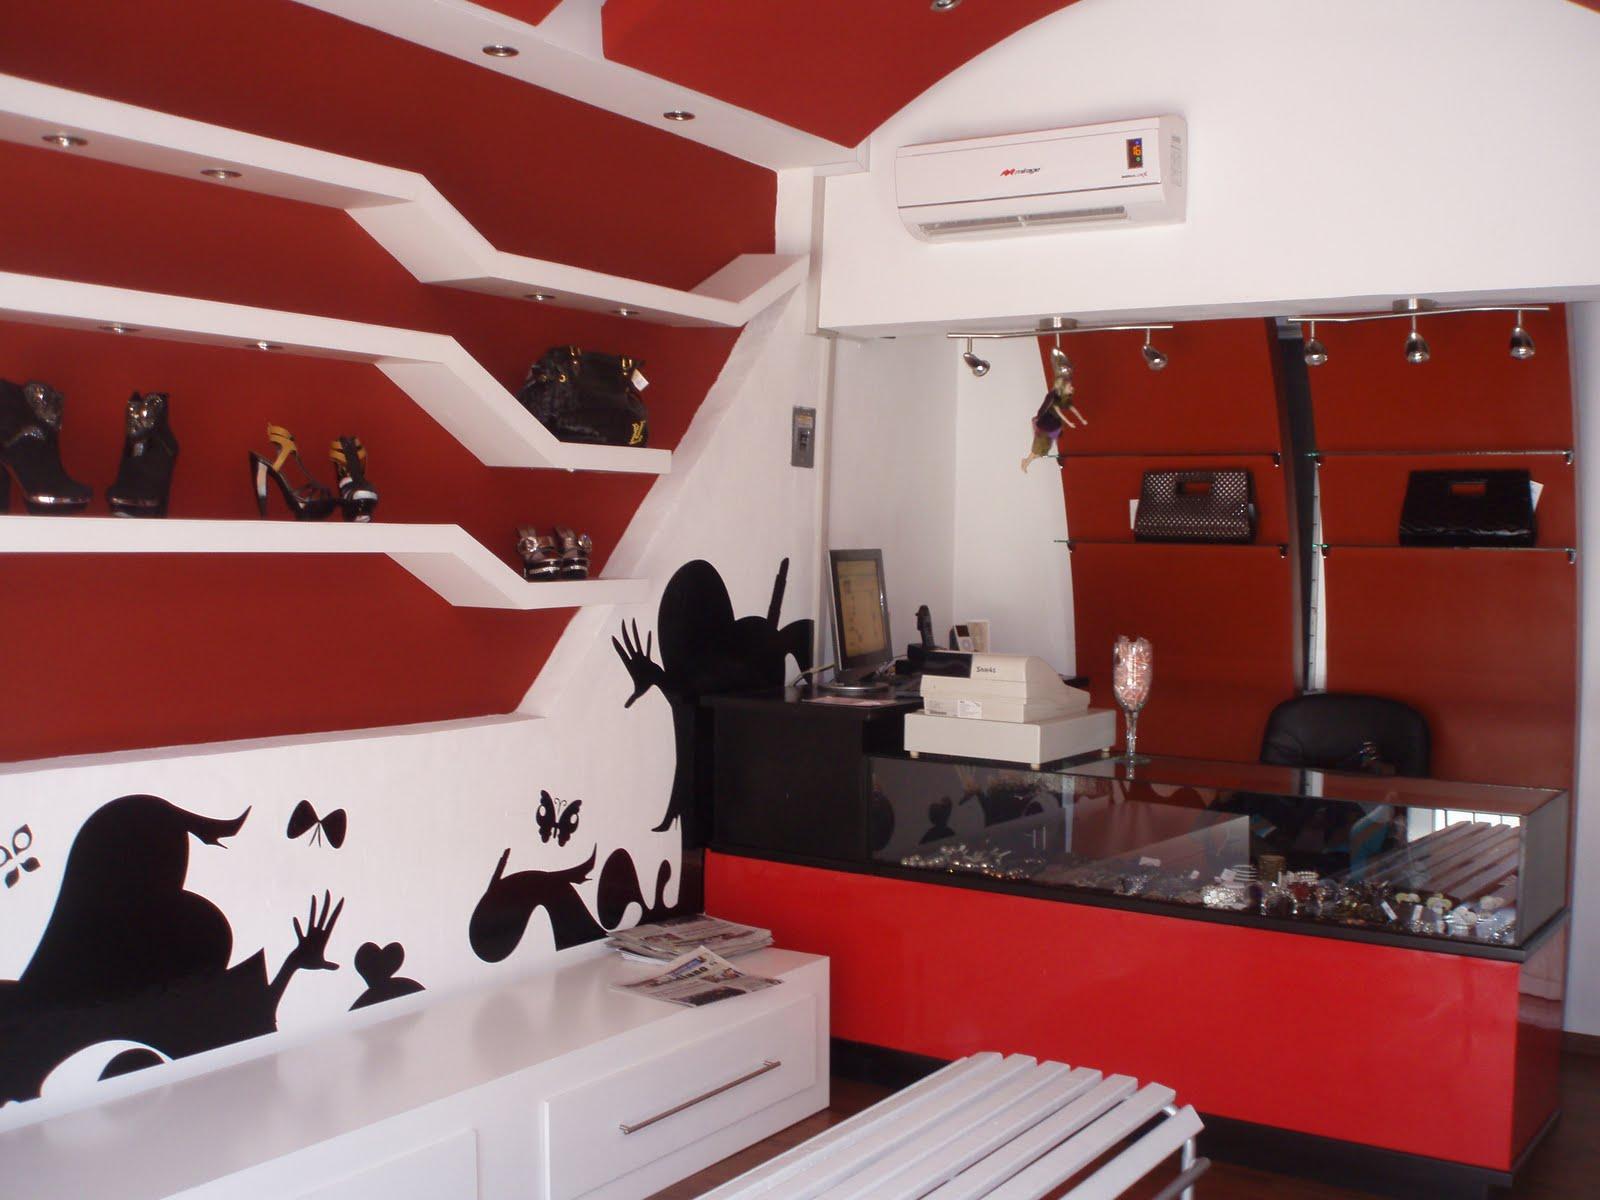 Proyectos arquitectonicos y dise o 3 d dise o y for Disenos de interiores en tablaroca